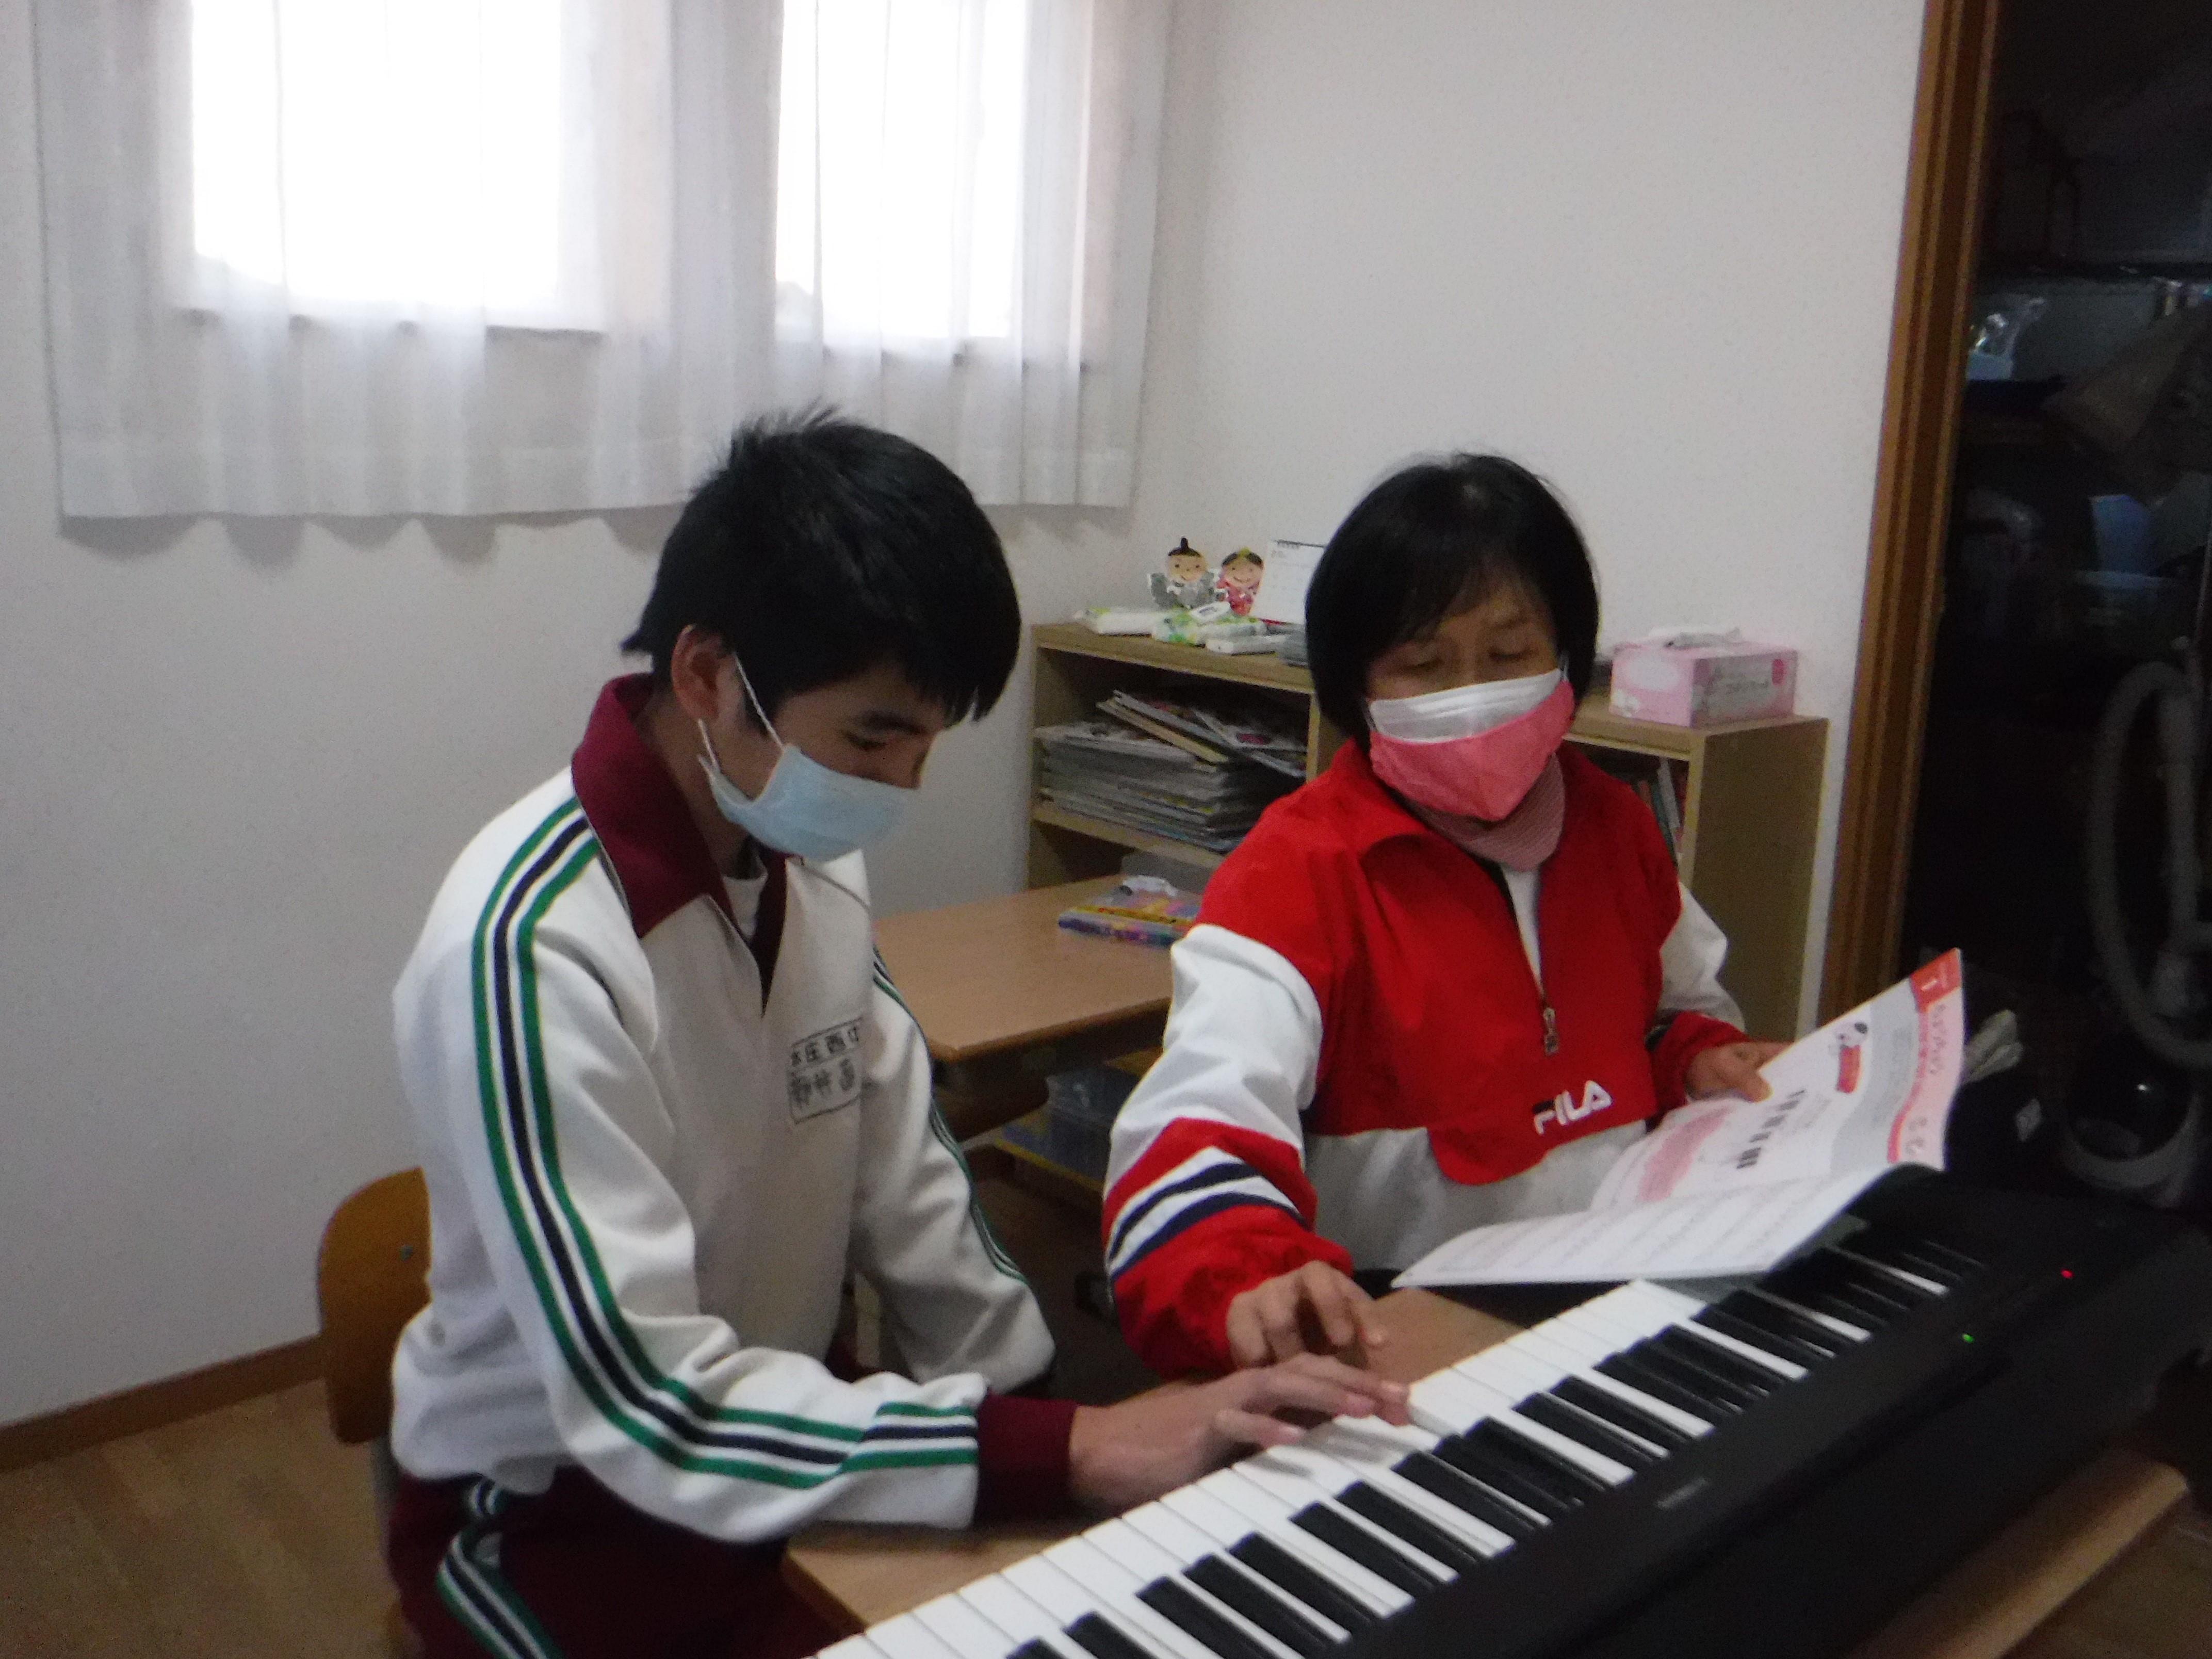 活動の様子 ピアノのレッスン、楽しく弾こう。